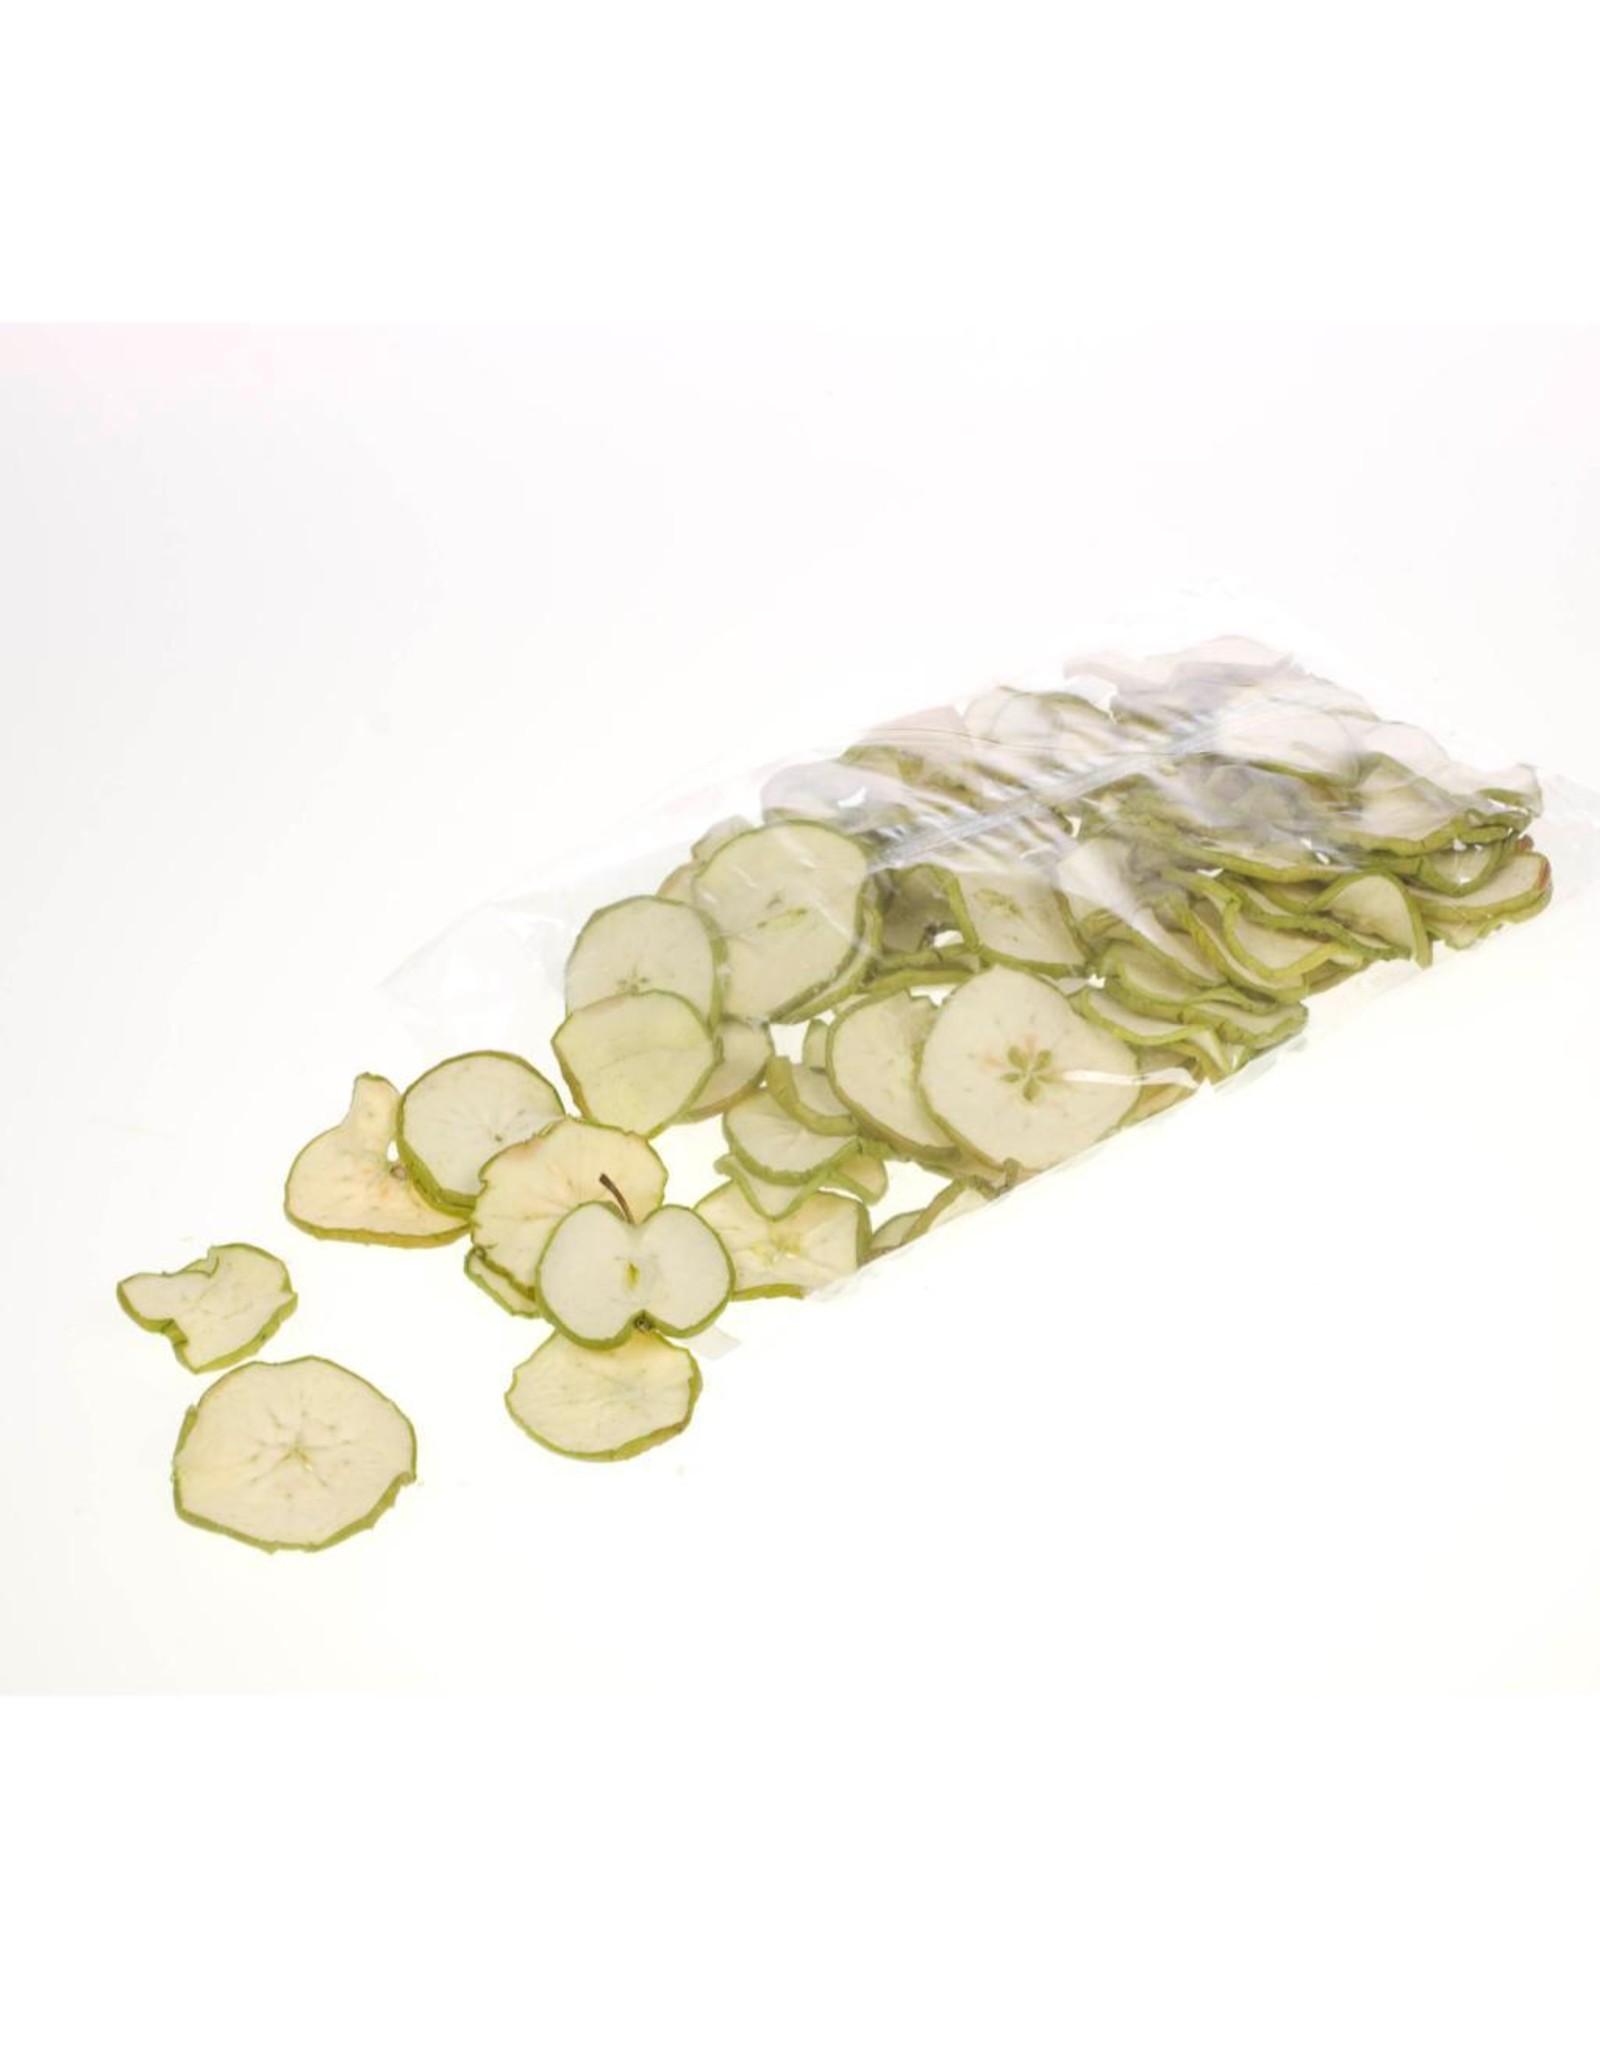 Apple sliced 250gr bag SB natural green x 4